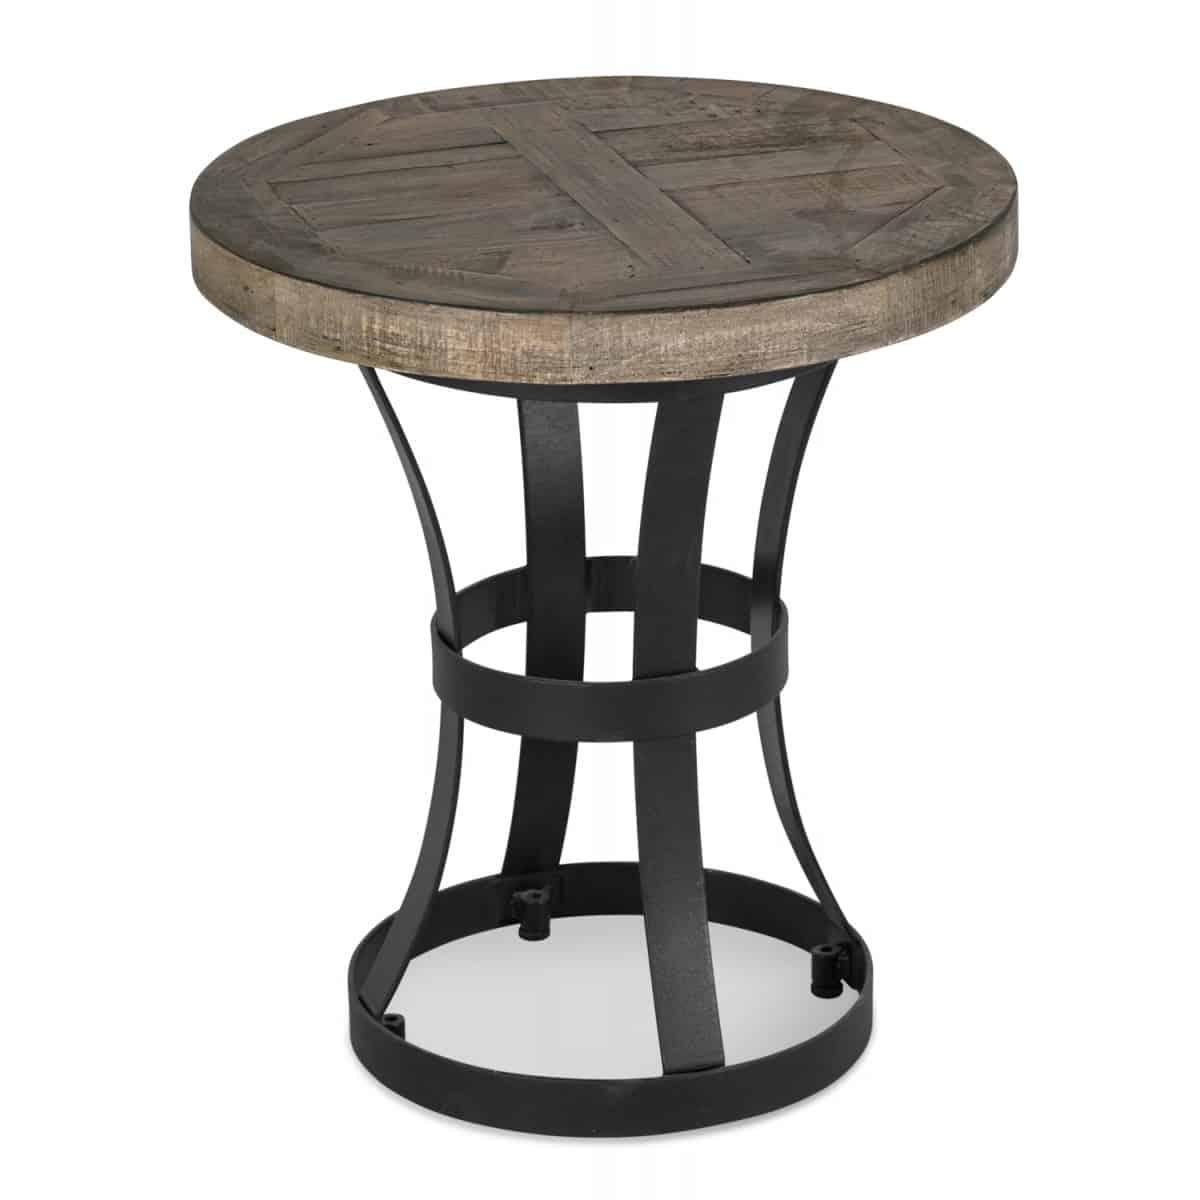 Table de chevet Bois Métal Marron 45x45x50cm